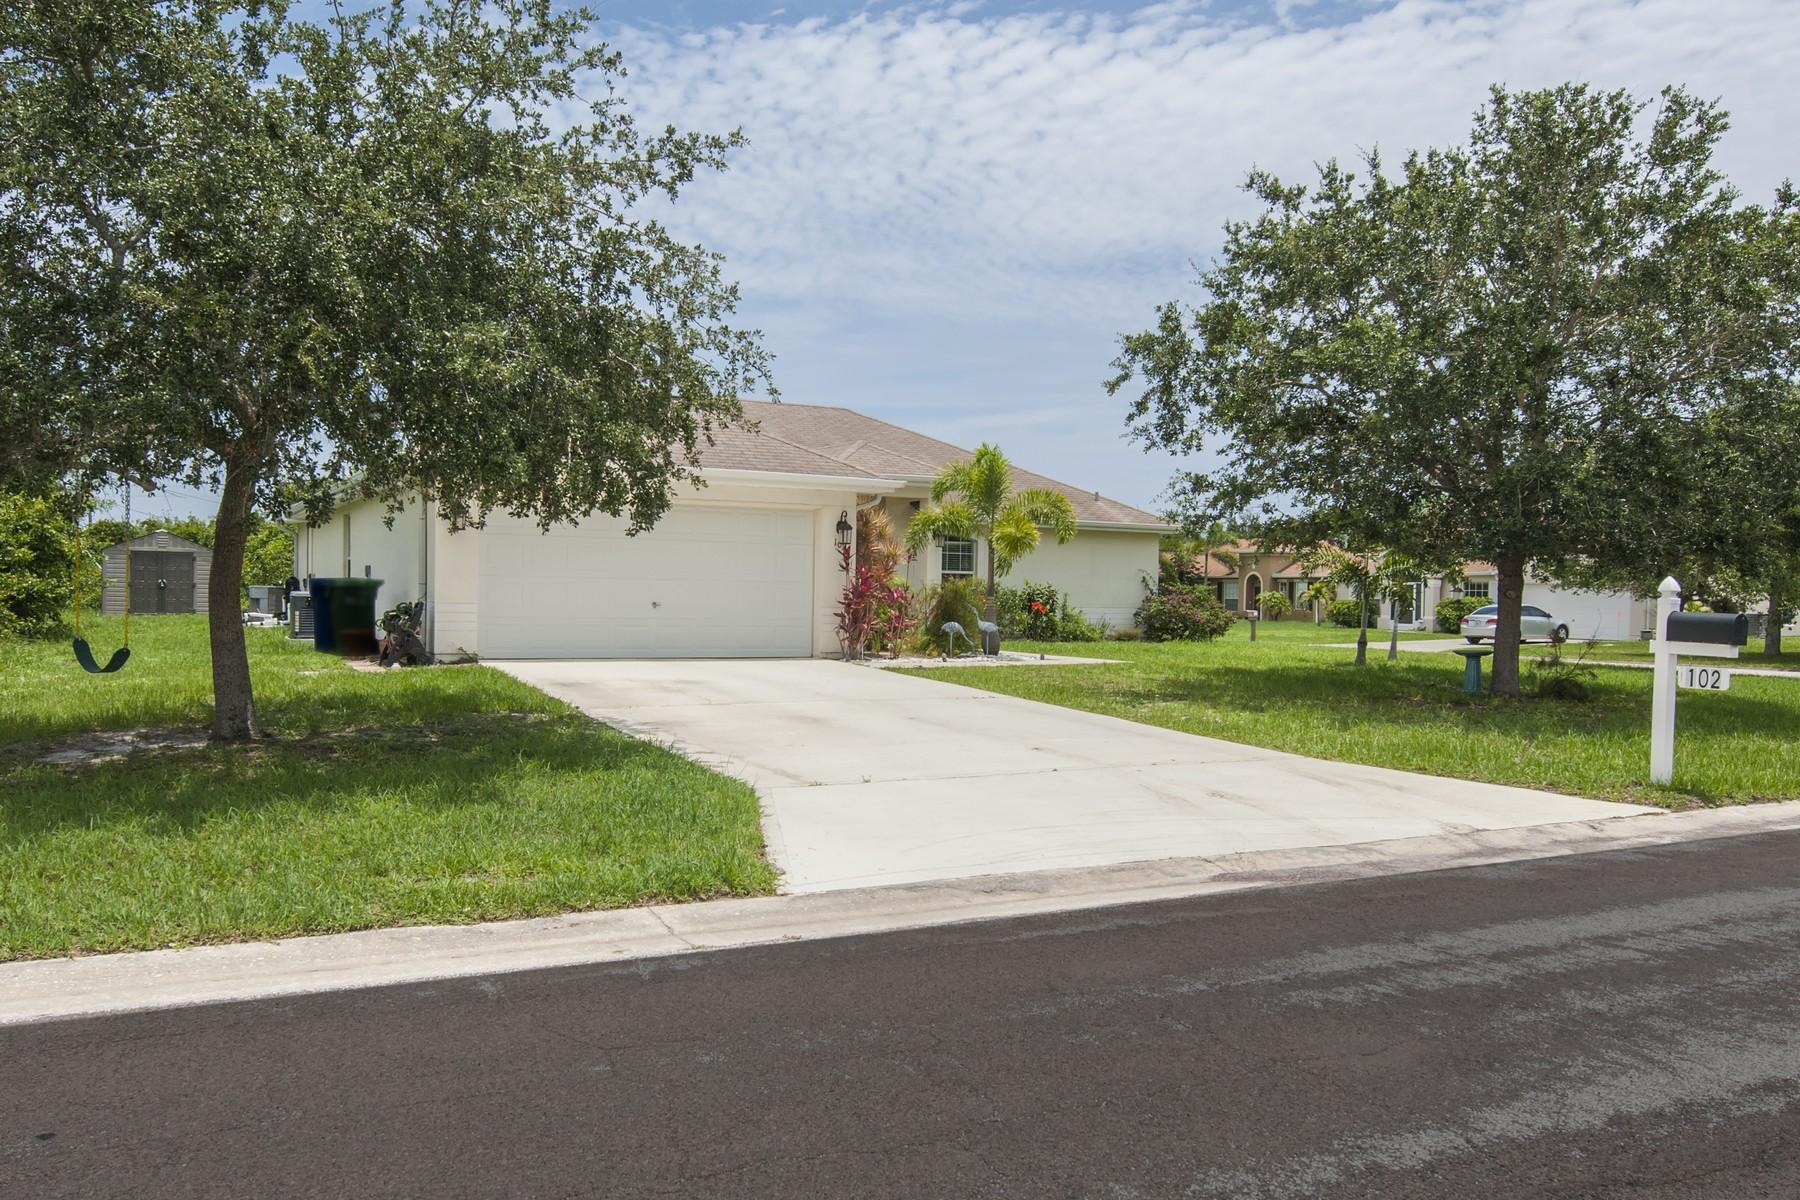 Частный односемейный дом для того Продажа на Inviting Home with Brand New Pool! 102 Crawford Drive Sebastian, Флорида, 32958 Соединенные Штаты